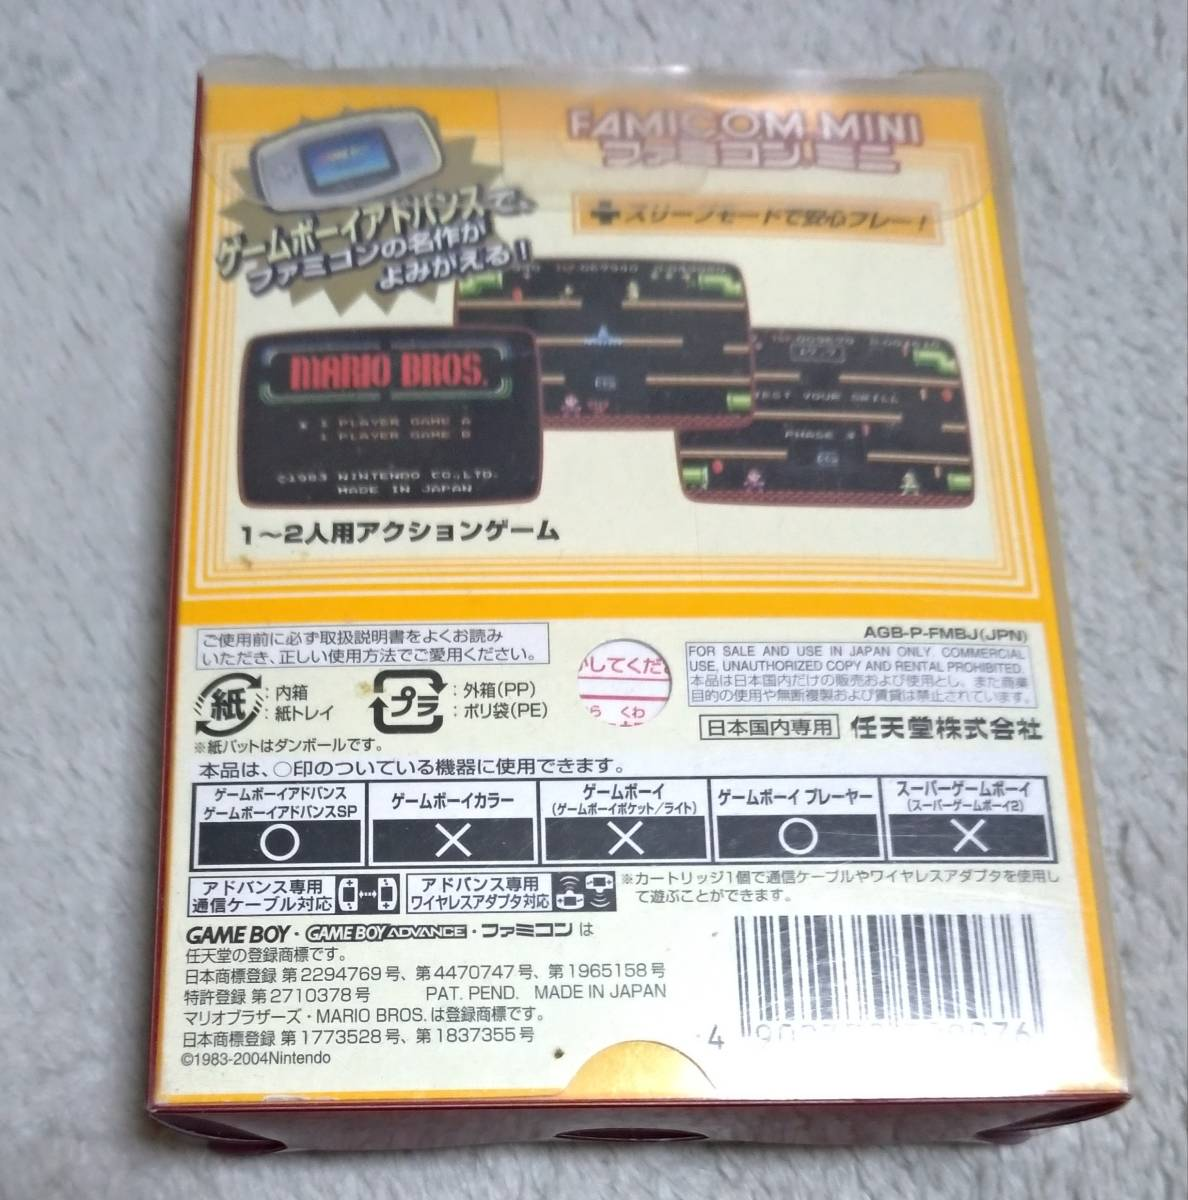 ゲームボーイアドバンスソフト GBA ファミコンミニ マリオブラザーズ 新品未開封品 送料無料